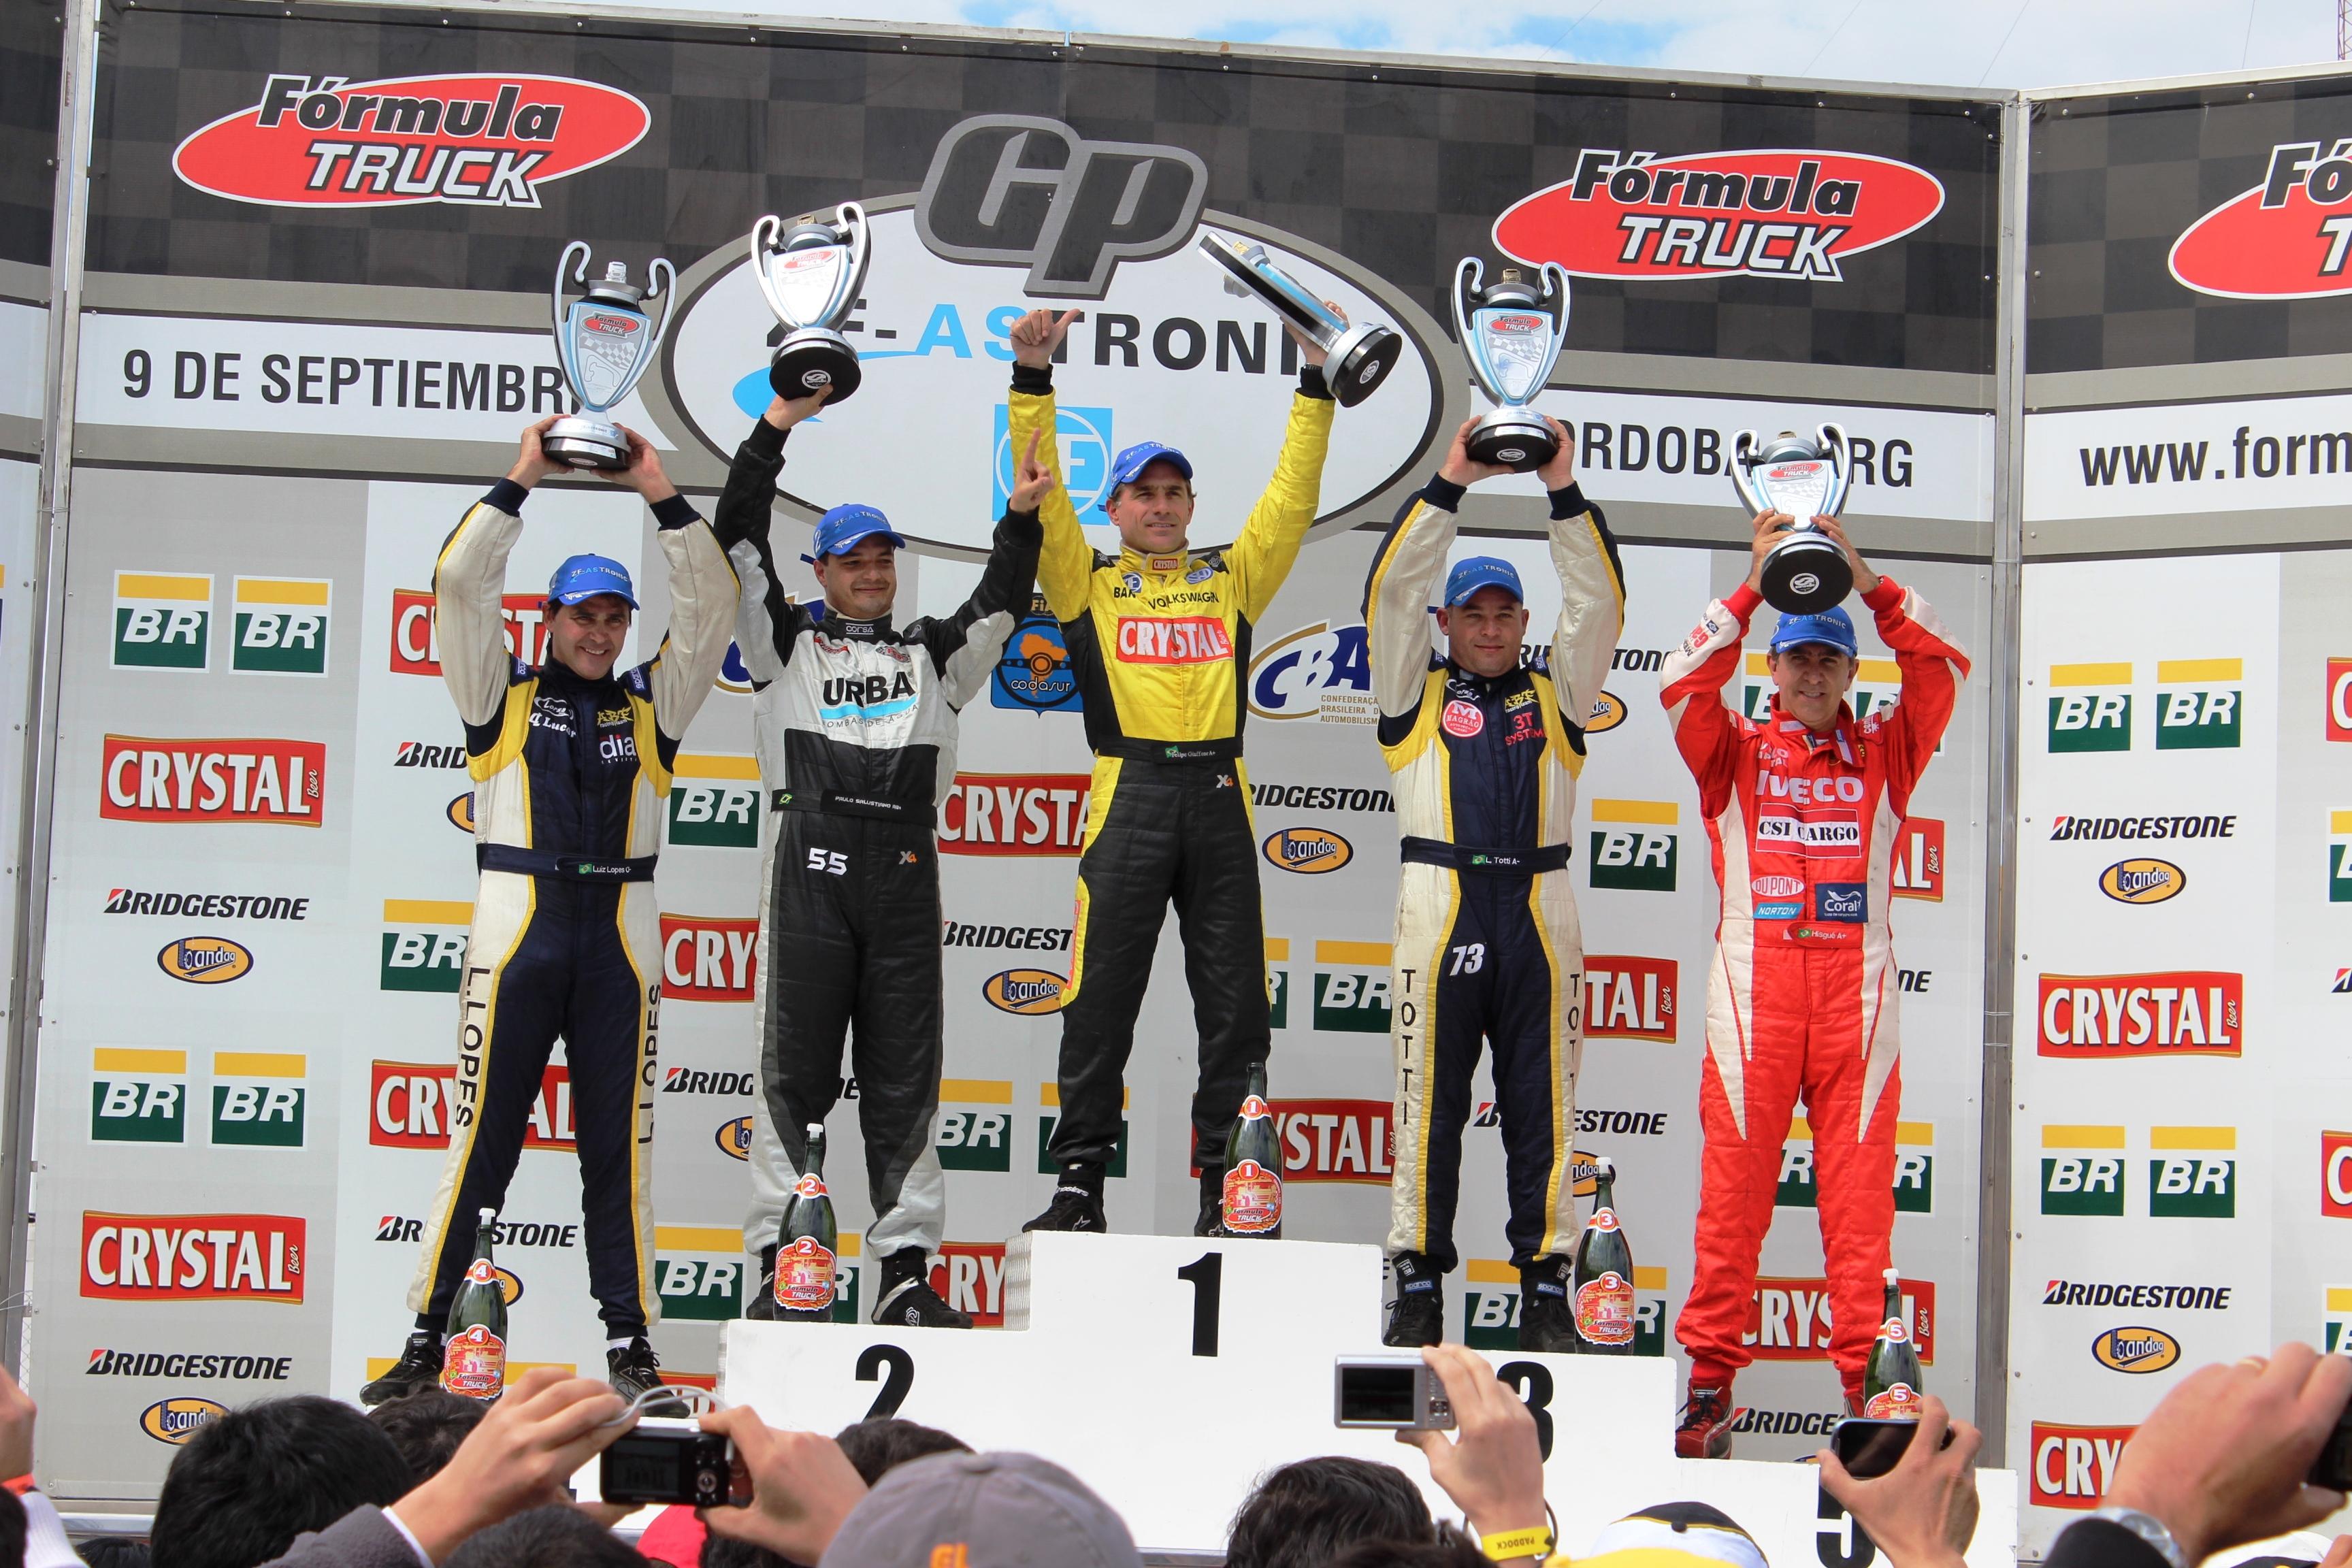 Felipe Giaffone levanta a taça e Leandro Totti leva o campeonato Sul-Americano de Fórmula Truck.